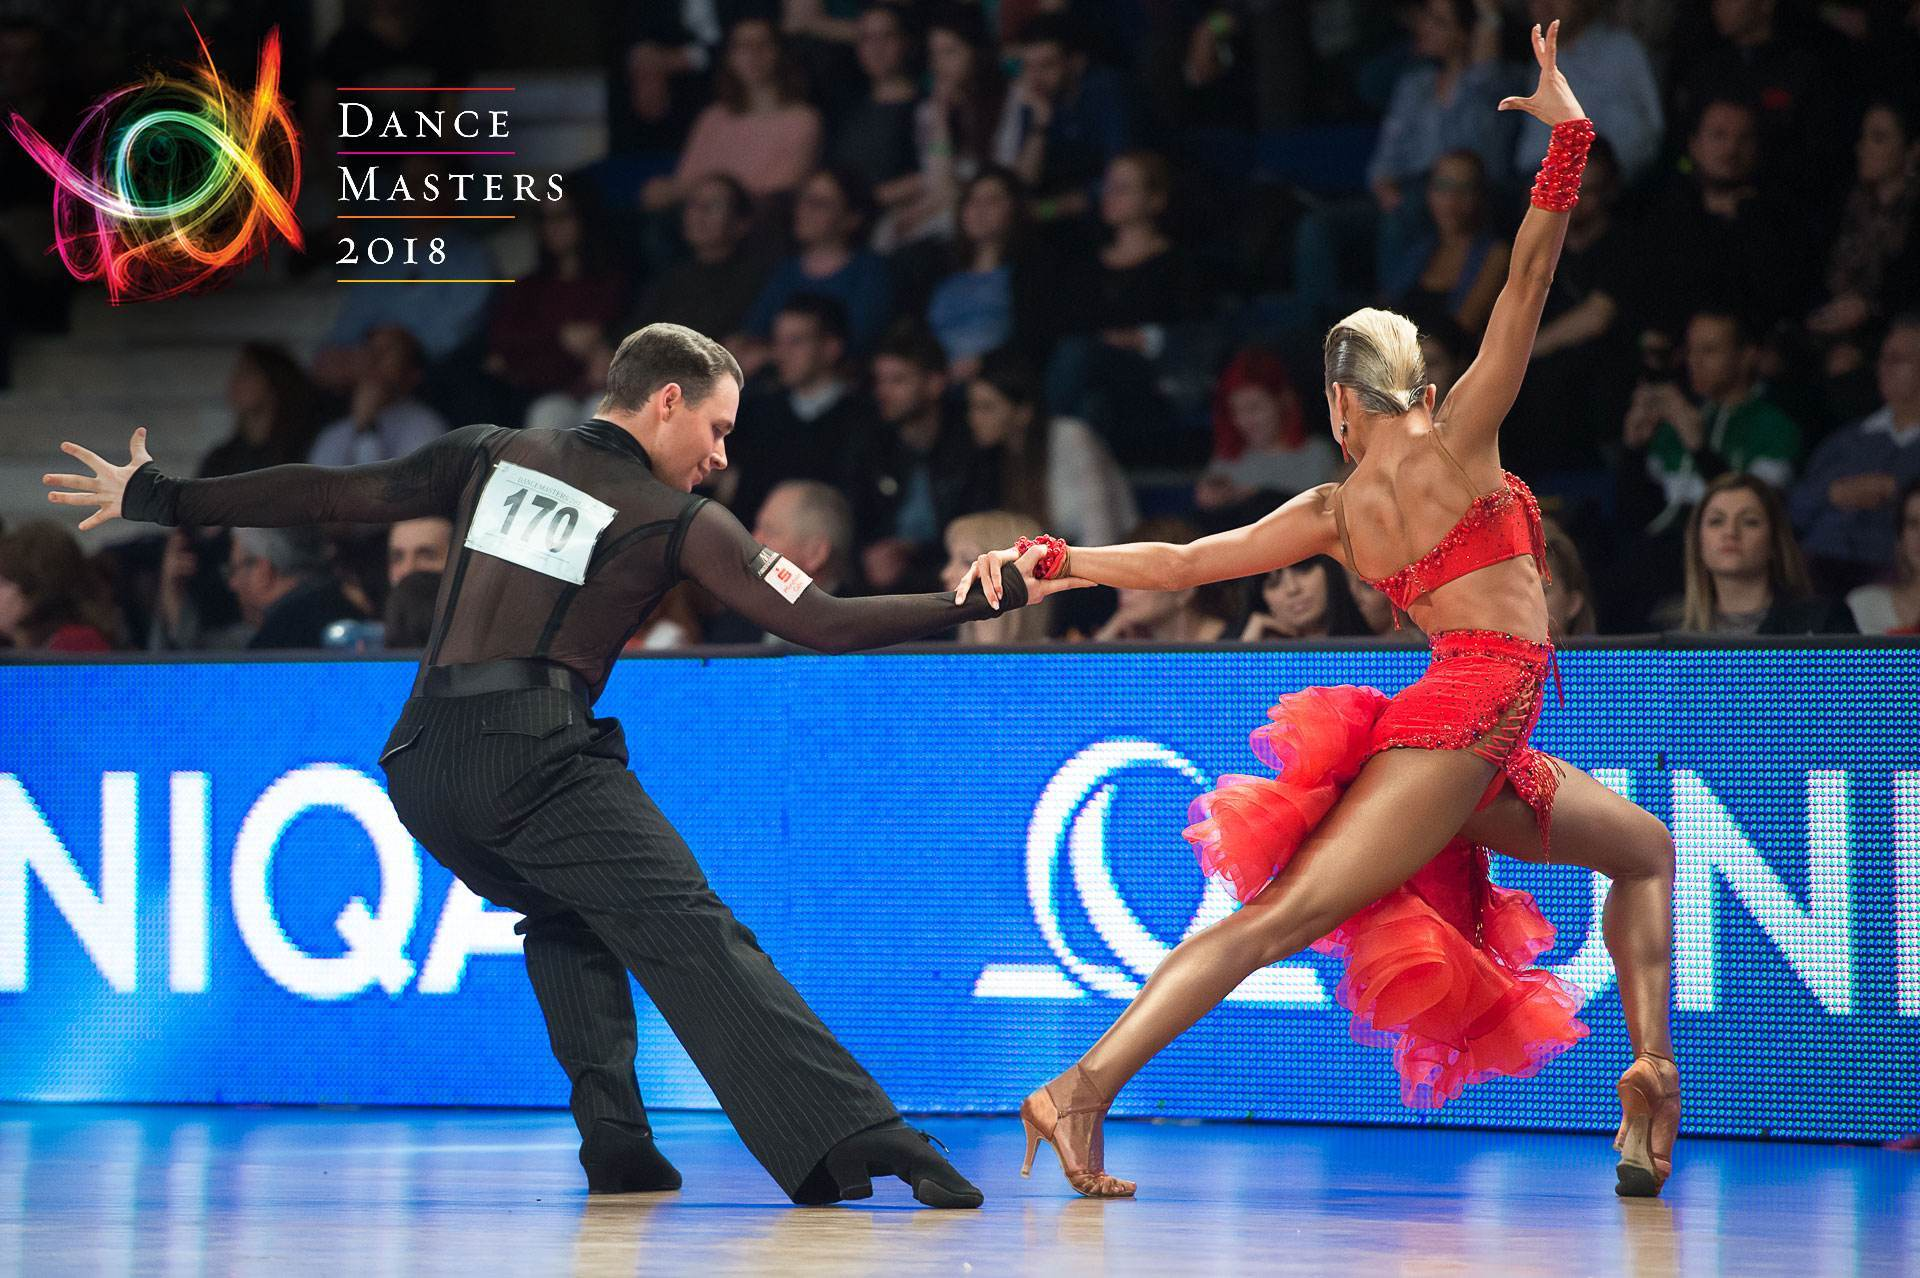 Dancemasters 2018: topul mondial al dansului sportiv la Bucuresti, la sfarsitul lui martie